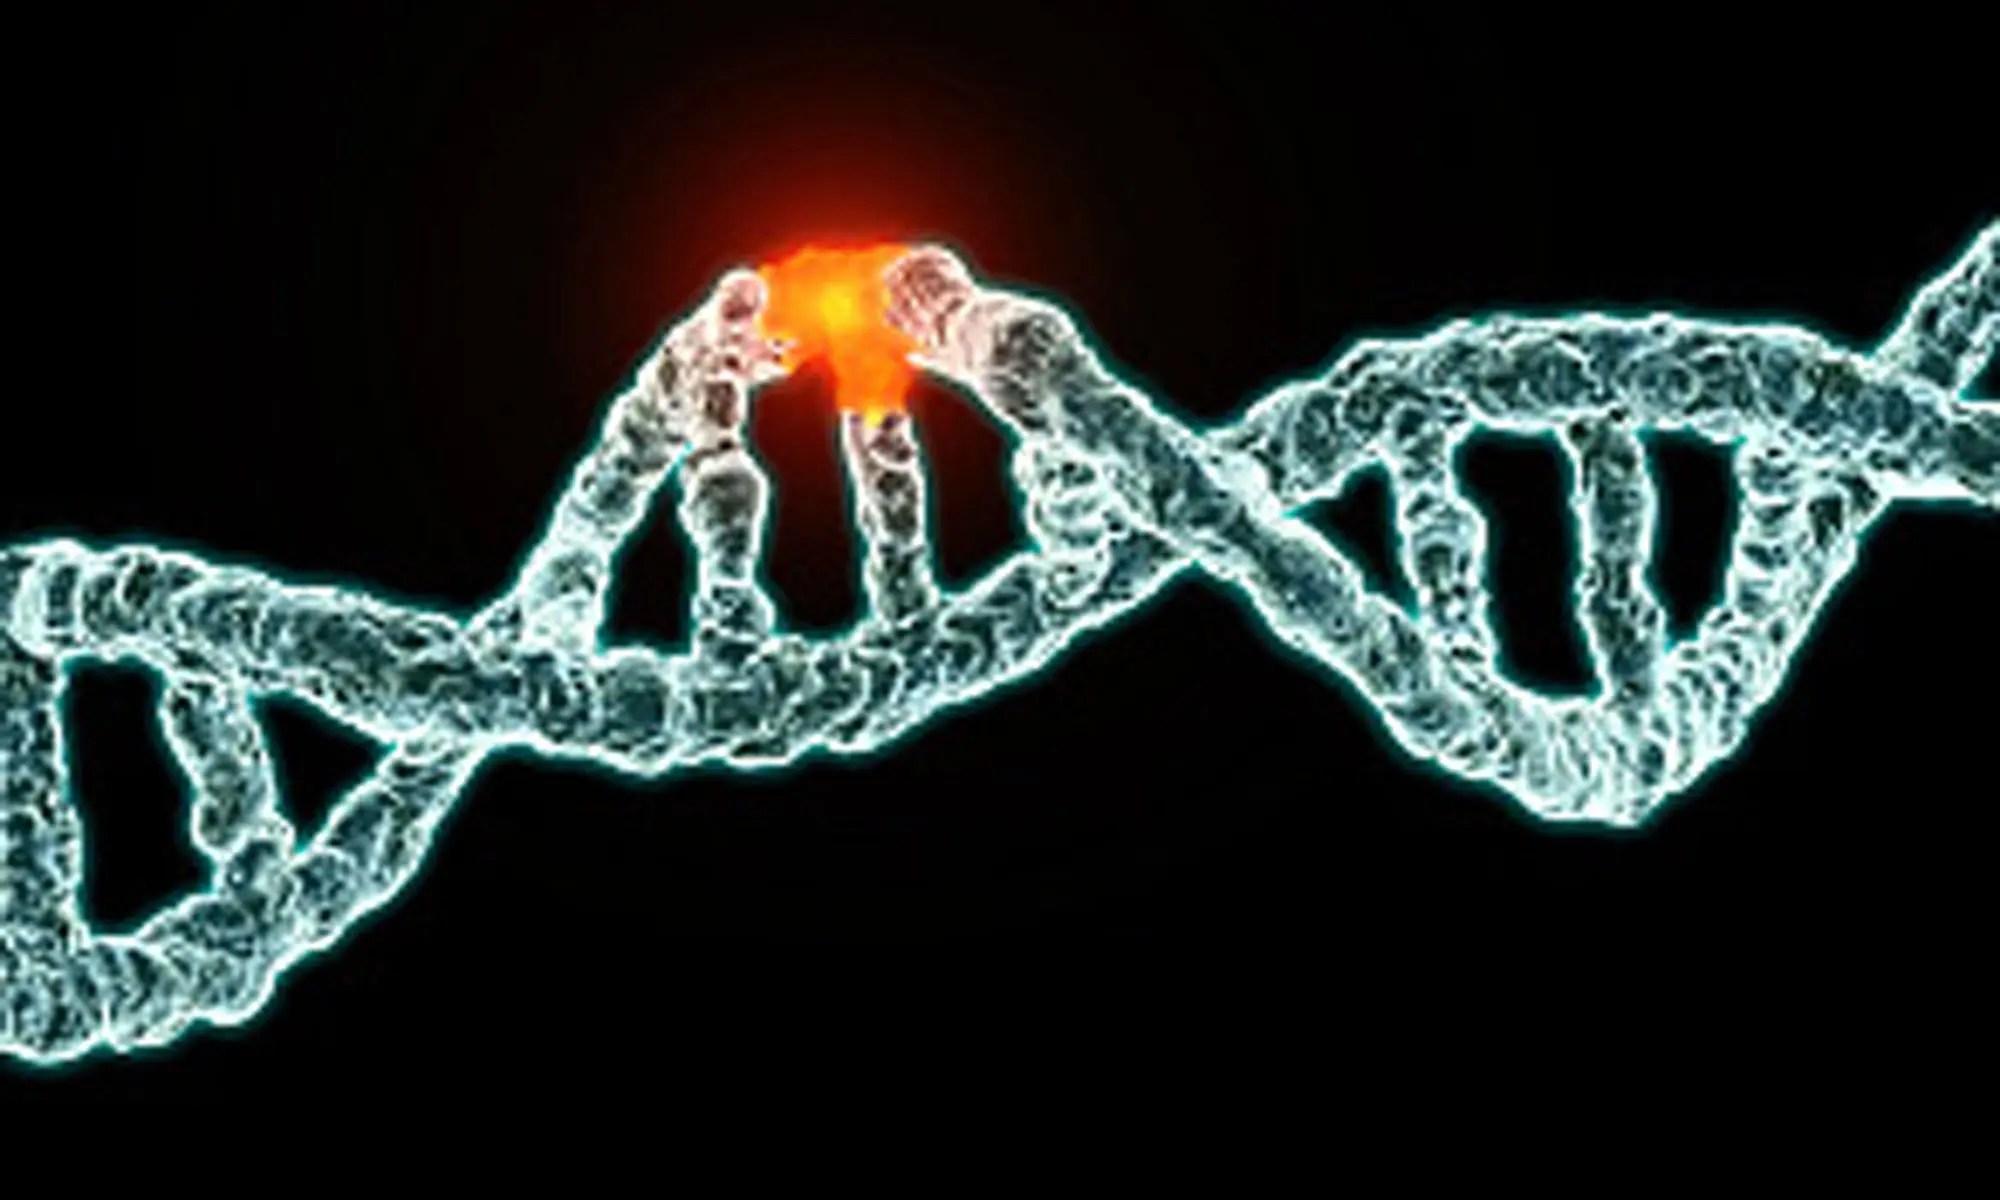 gene mutation image